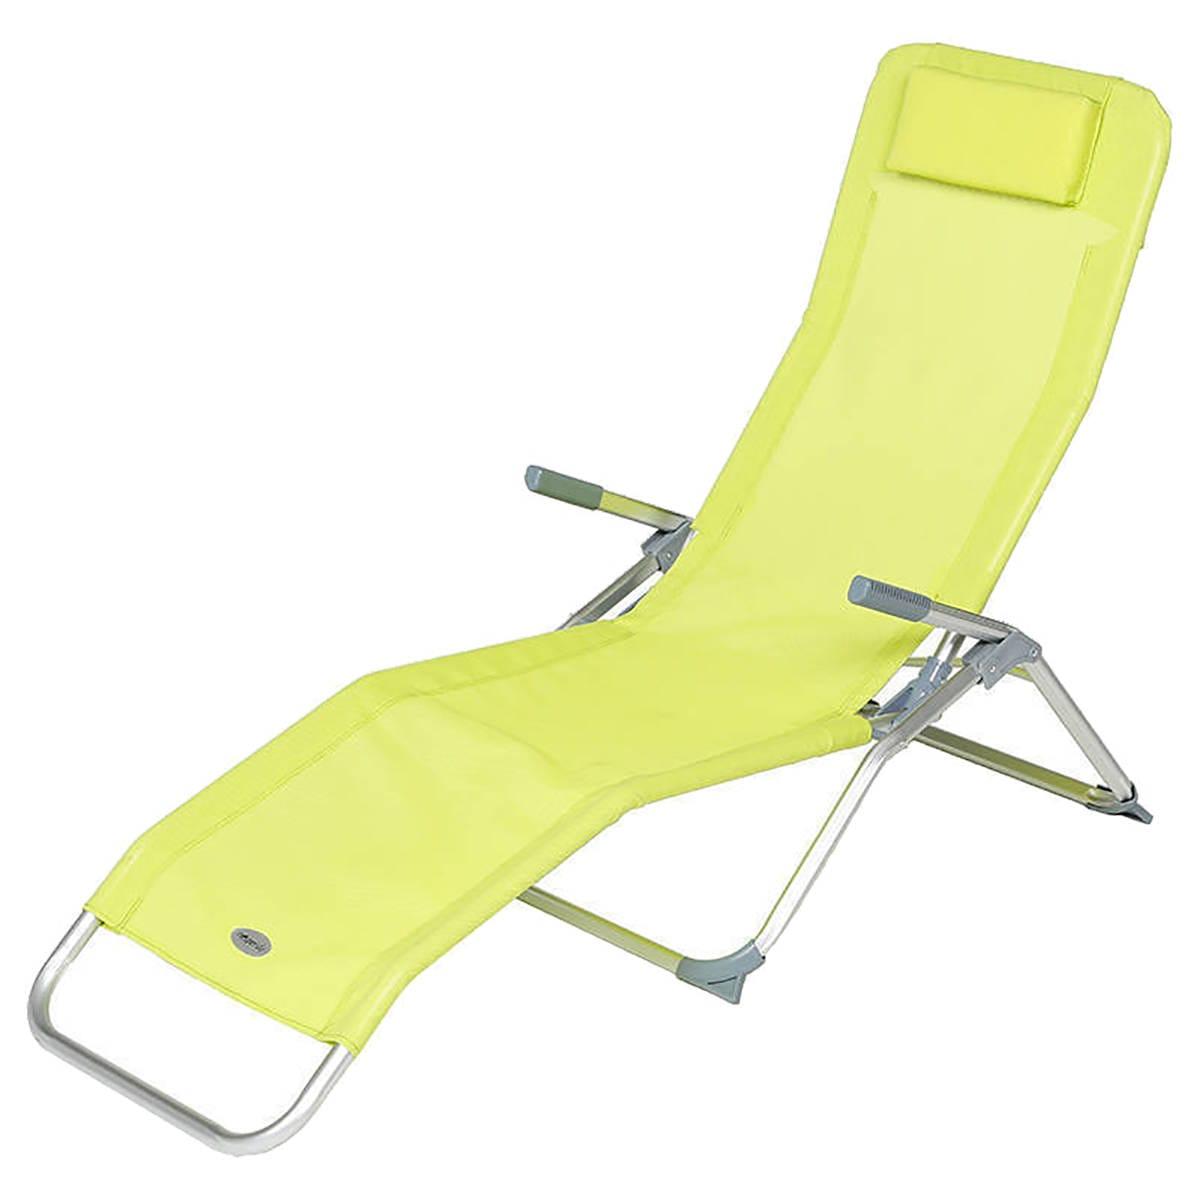 Chaise longue Rio Granny 2 positions - Aluminium, Texaline granny